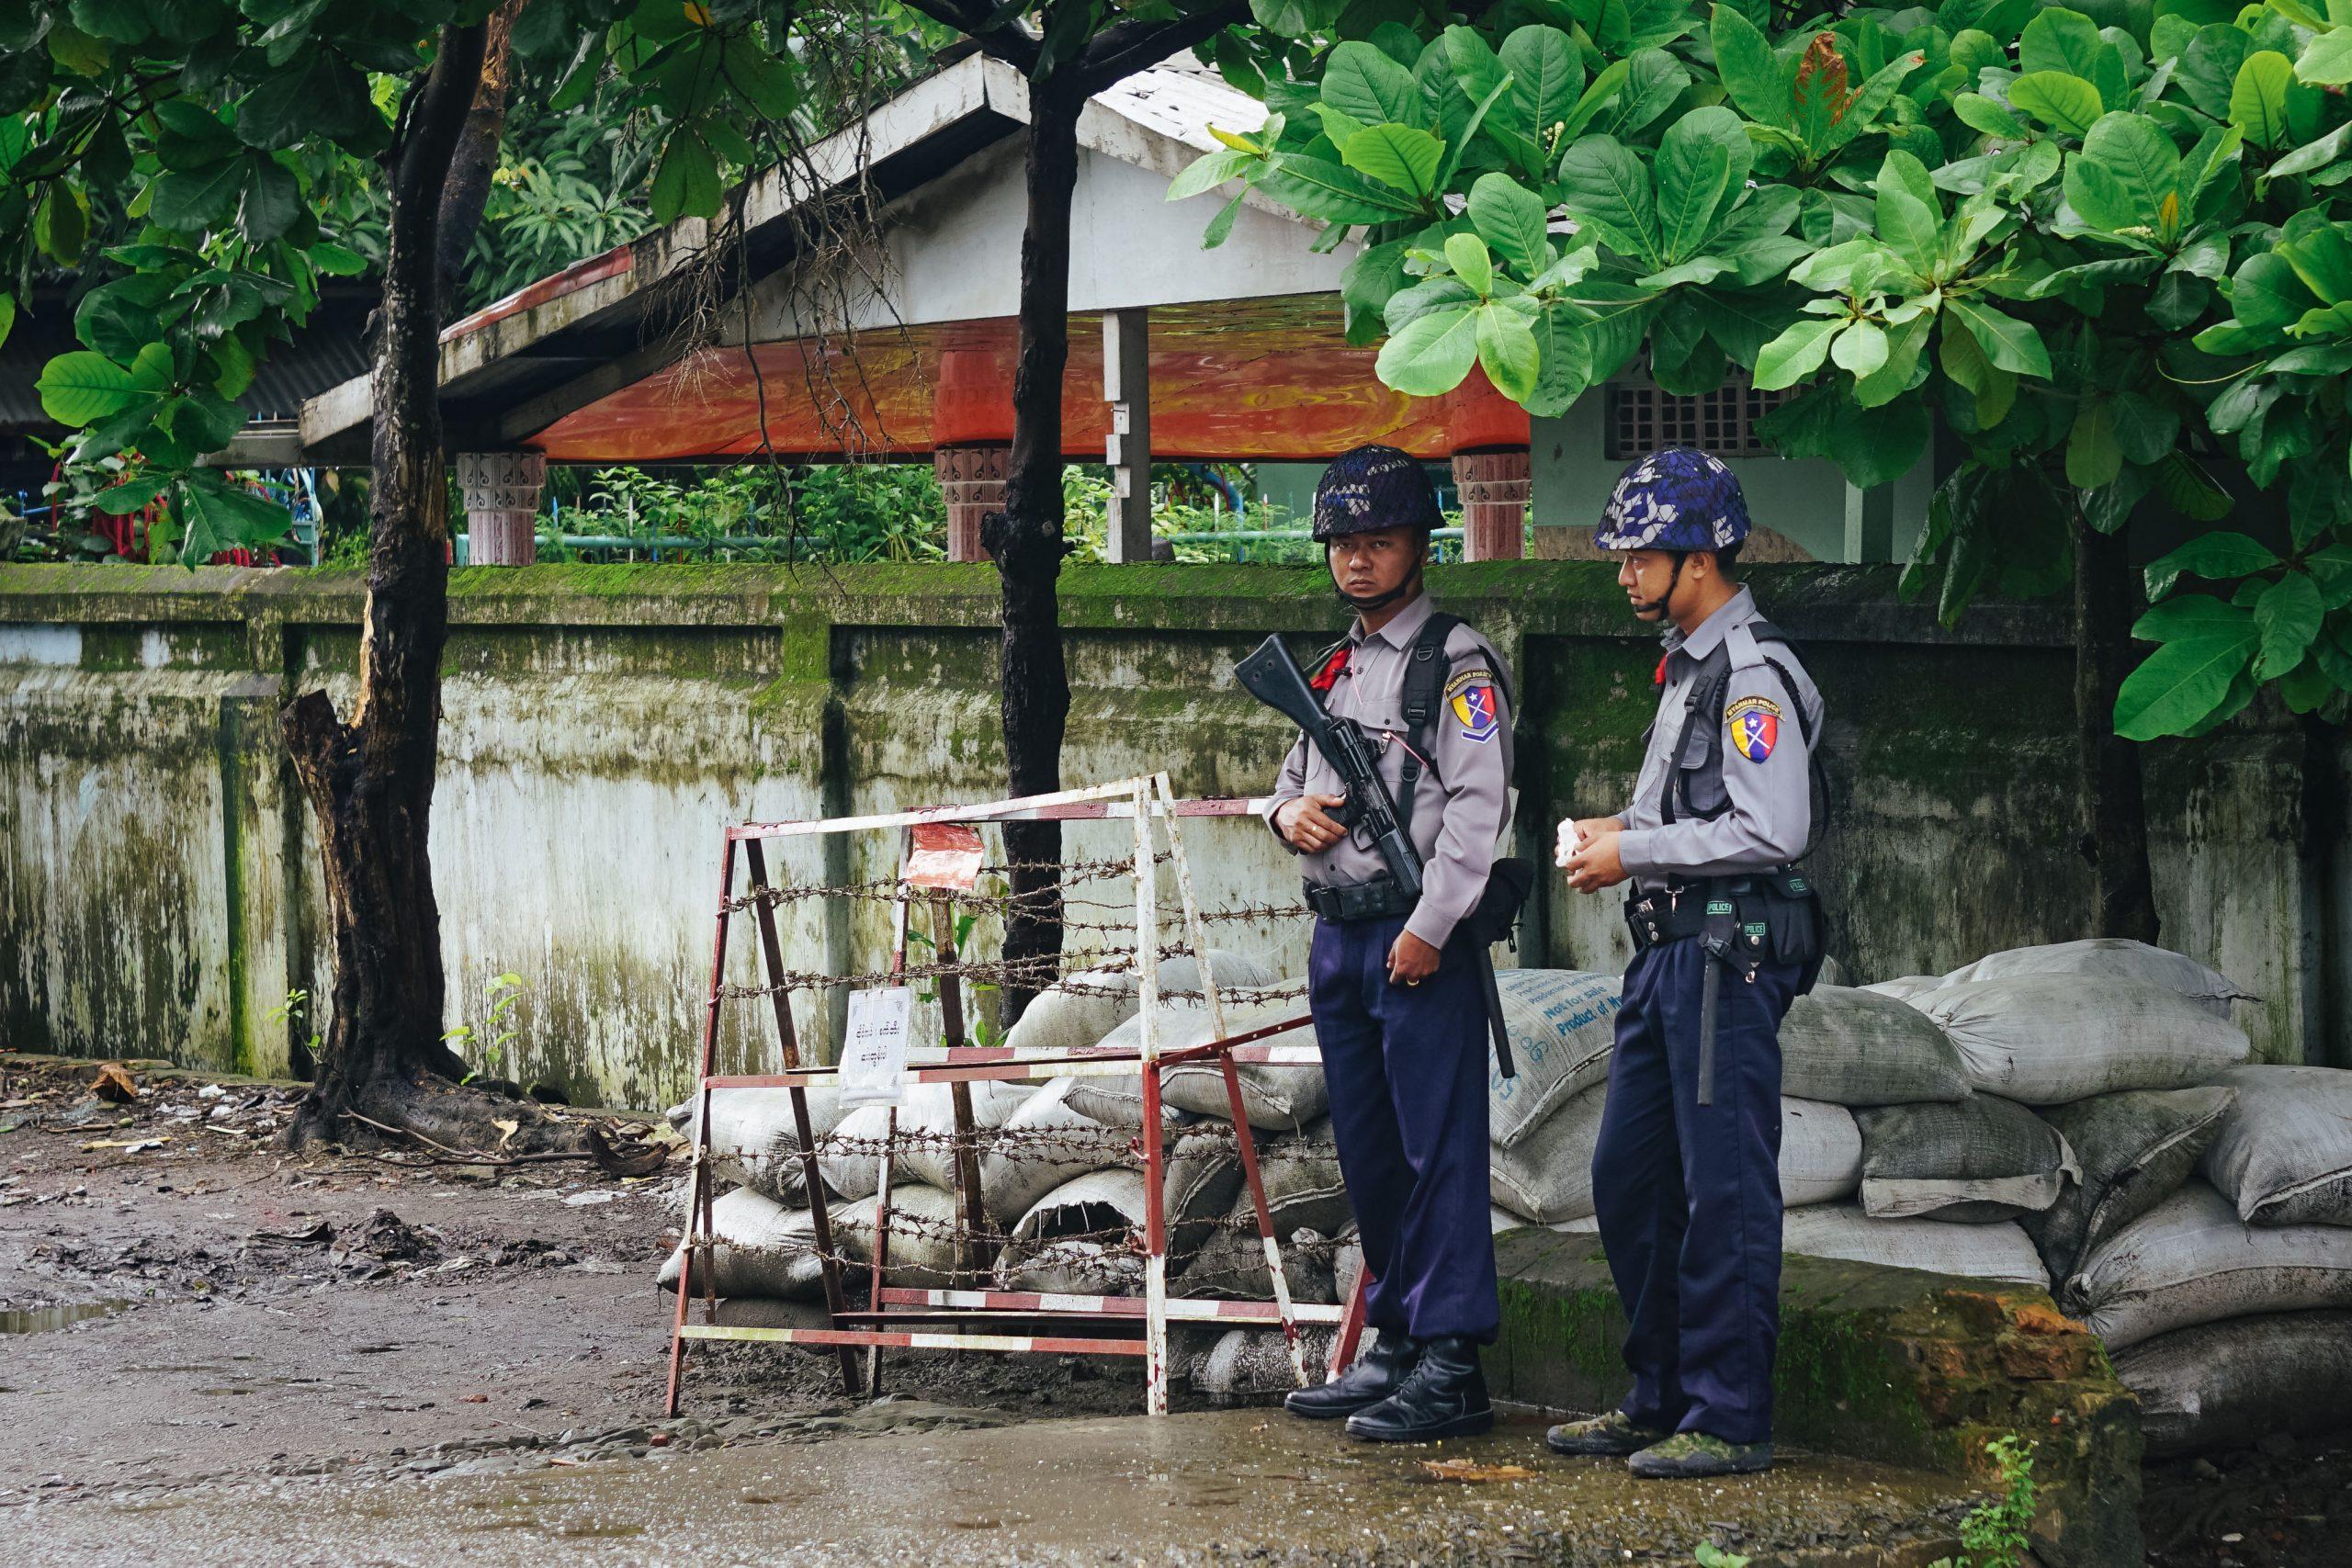 Zwei Soldaten am Straßenrand